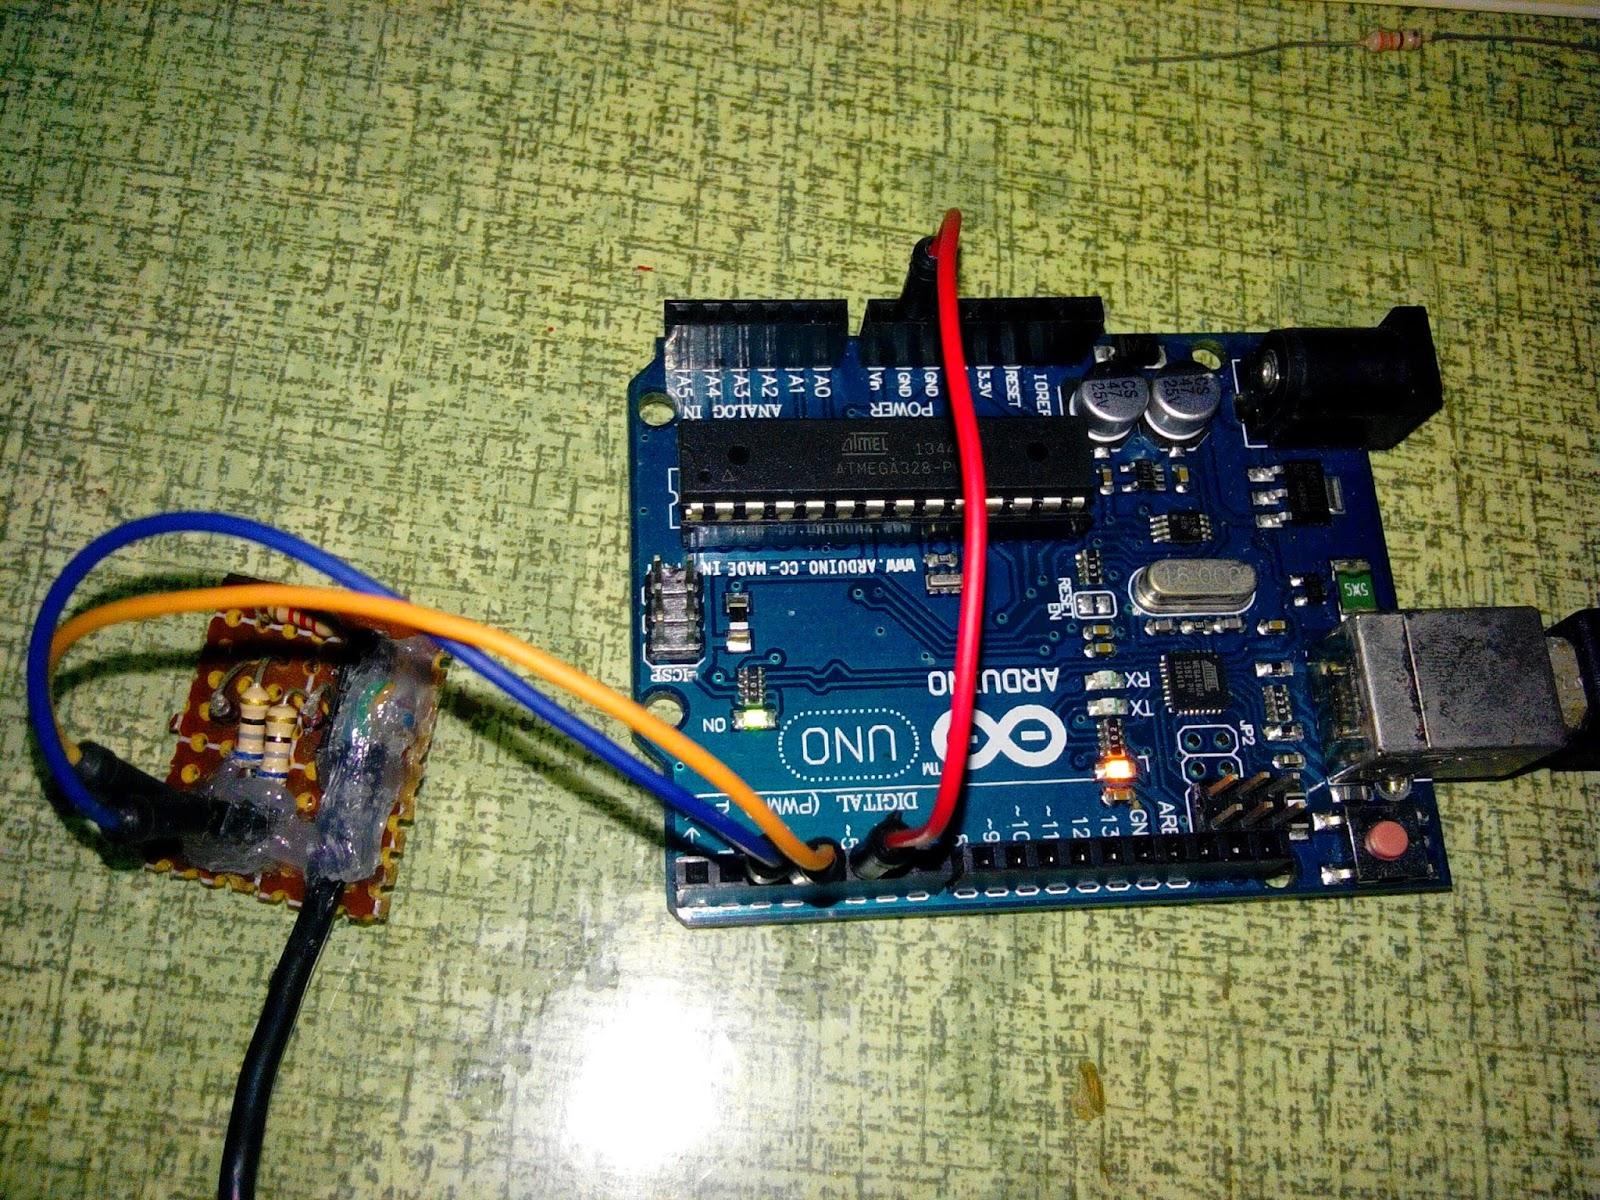 經驗值上升中☆ v usb joystick for arduino